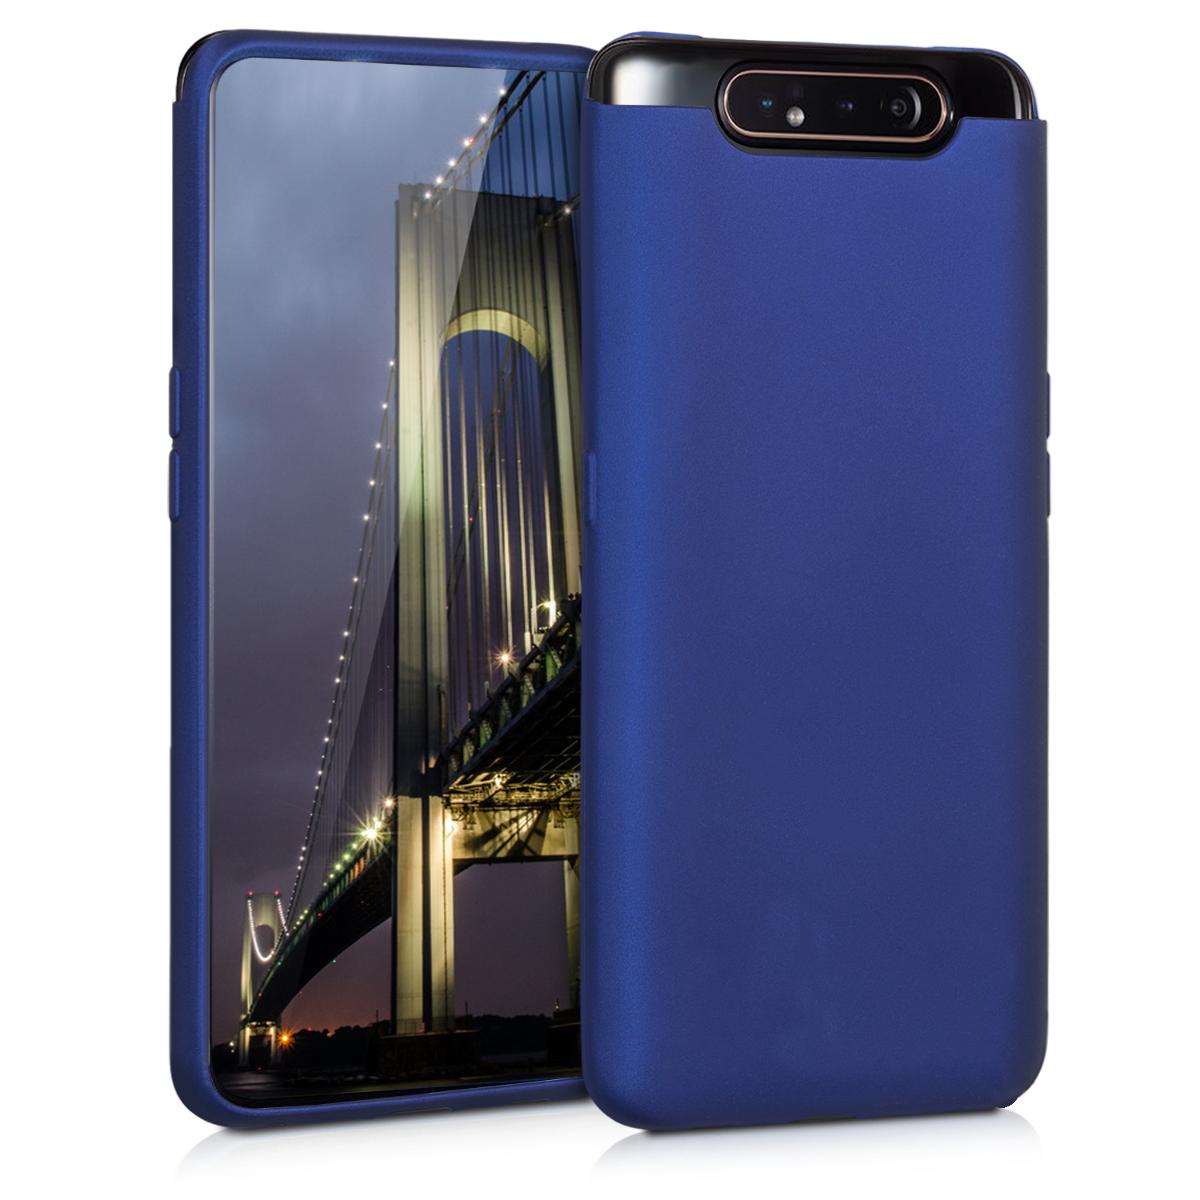 KW Θήκη Σιλικόνης Samsung Galaxy A80 - Metallic Blue (48441.64)